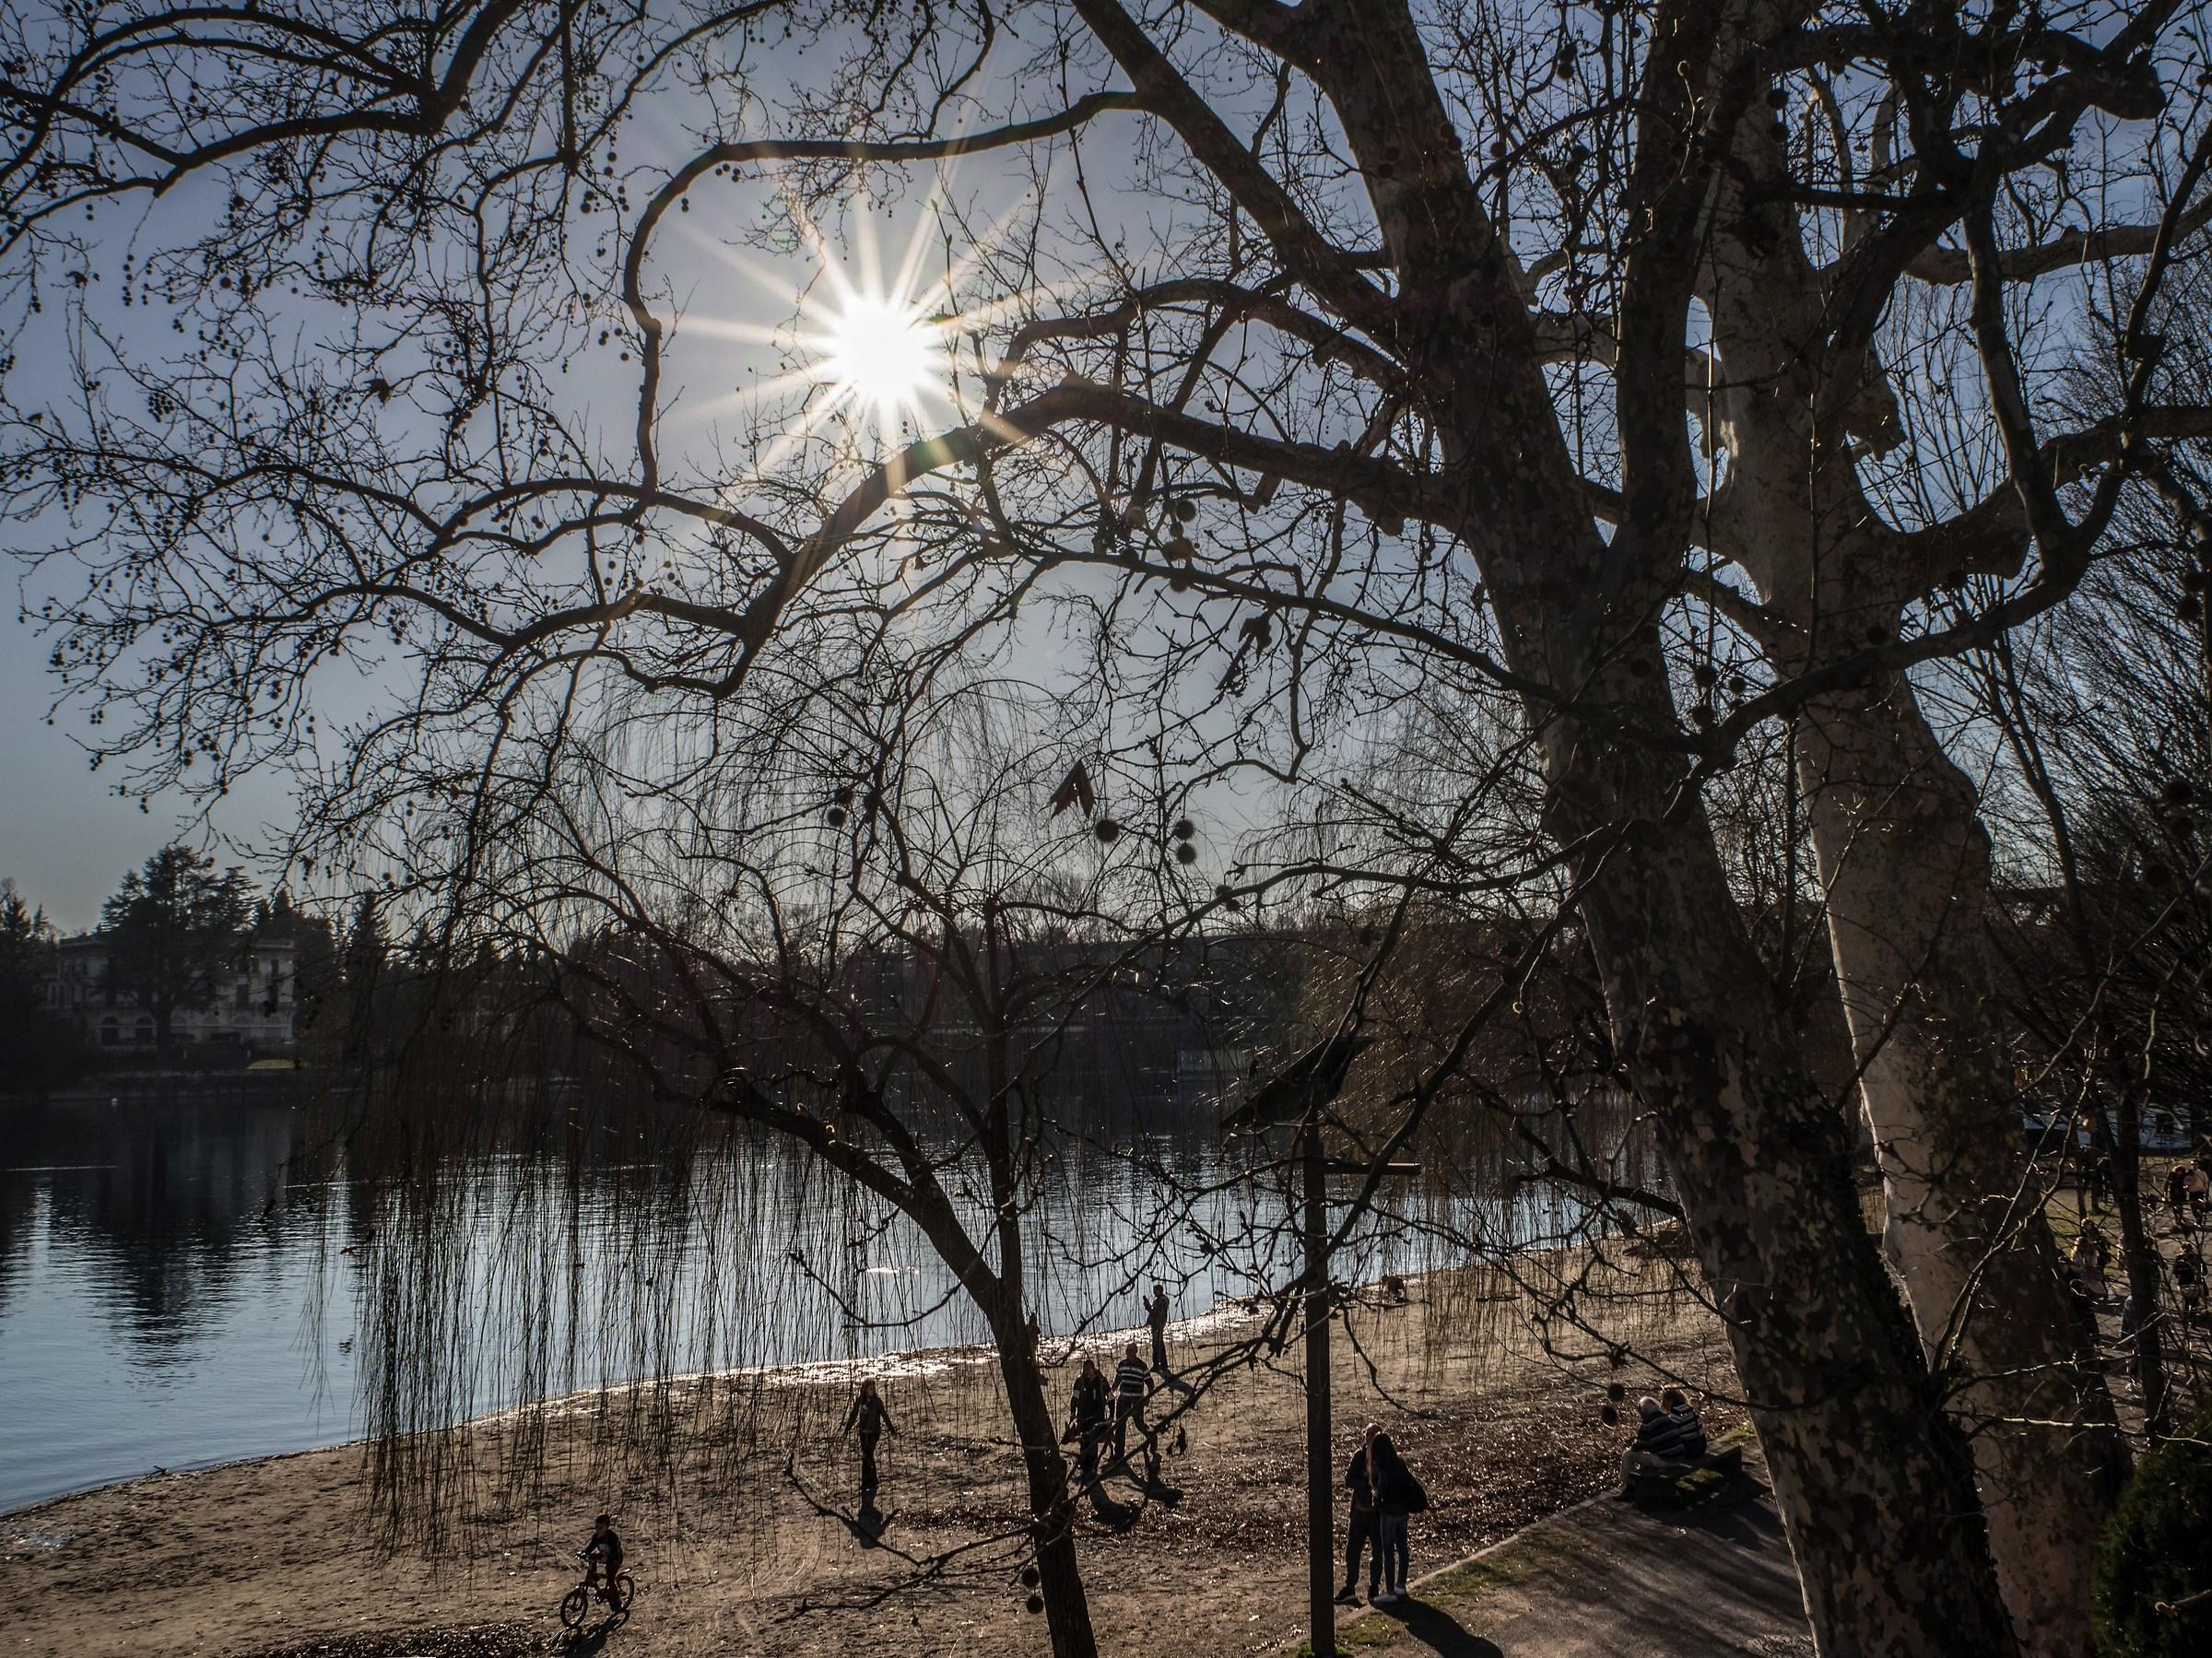 Spiaggetta sul Ticino domenica pomeriggio di febbraio...